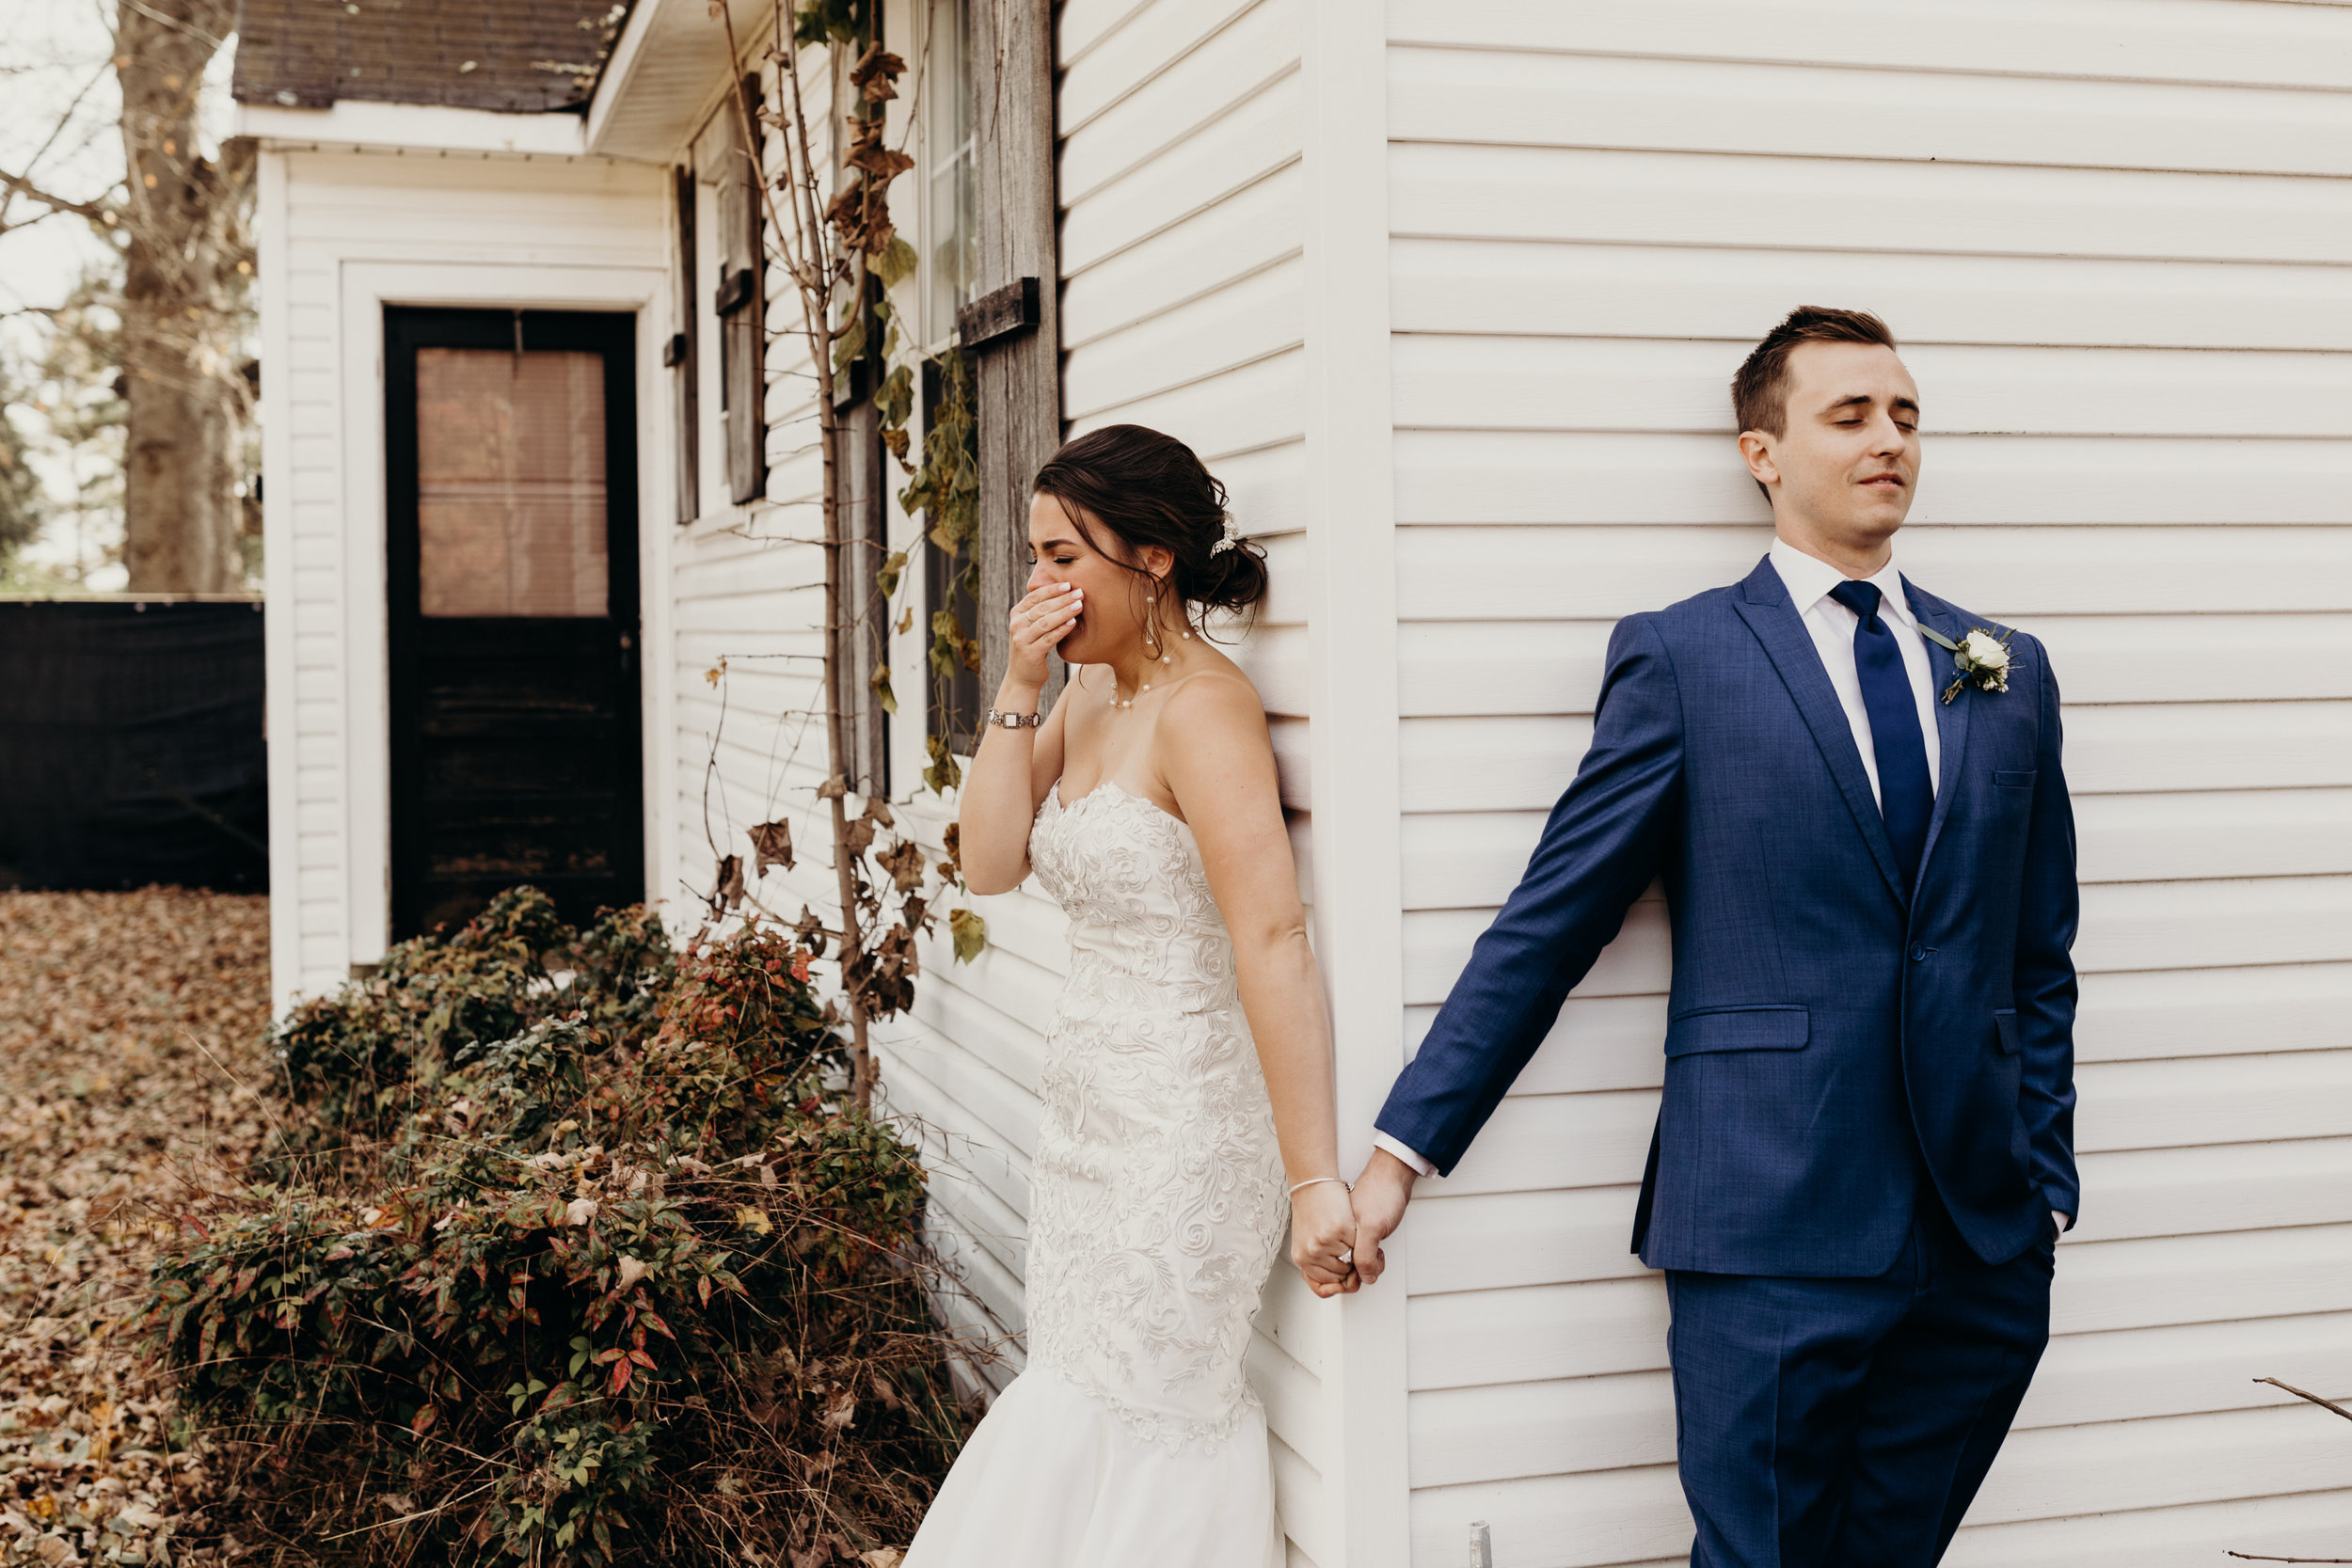 564-ltw-morgan-adam-wedding.jpg